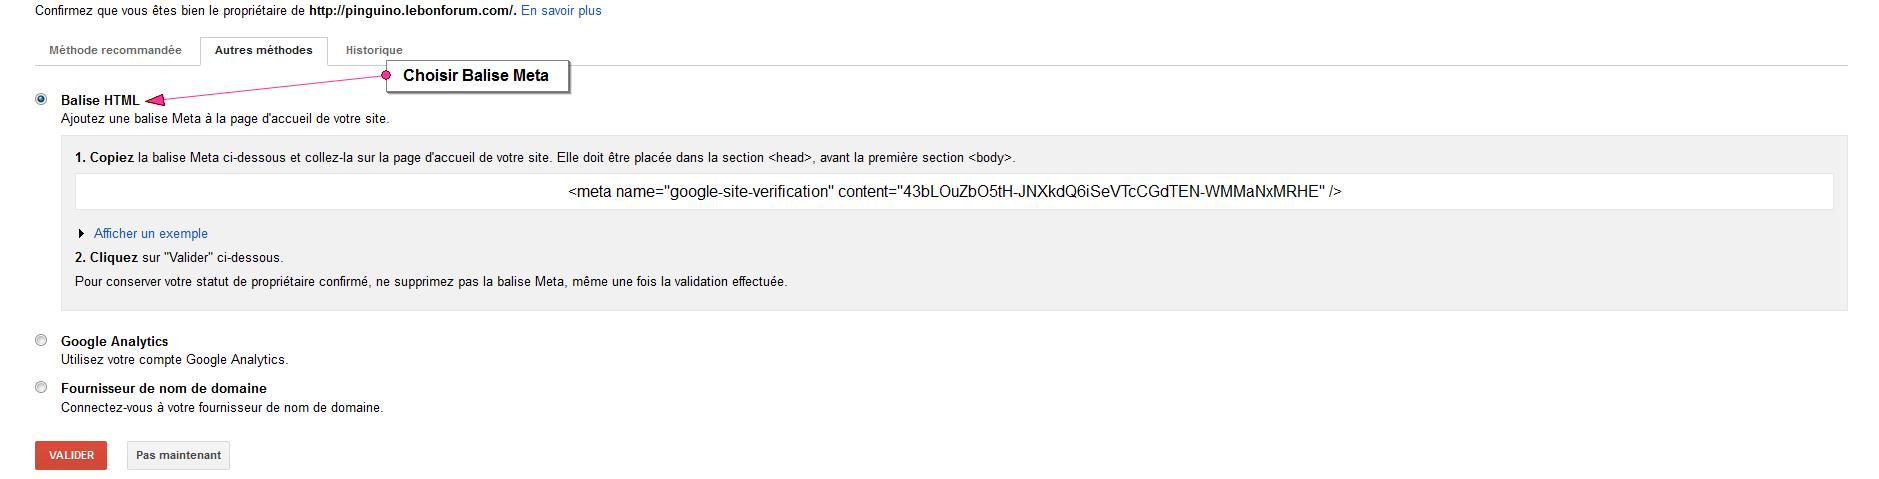 Nettoyer son forum après une alerte Google Outils13